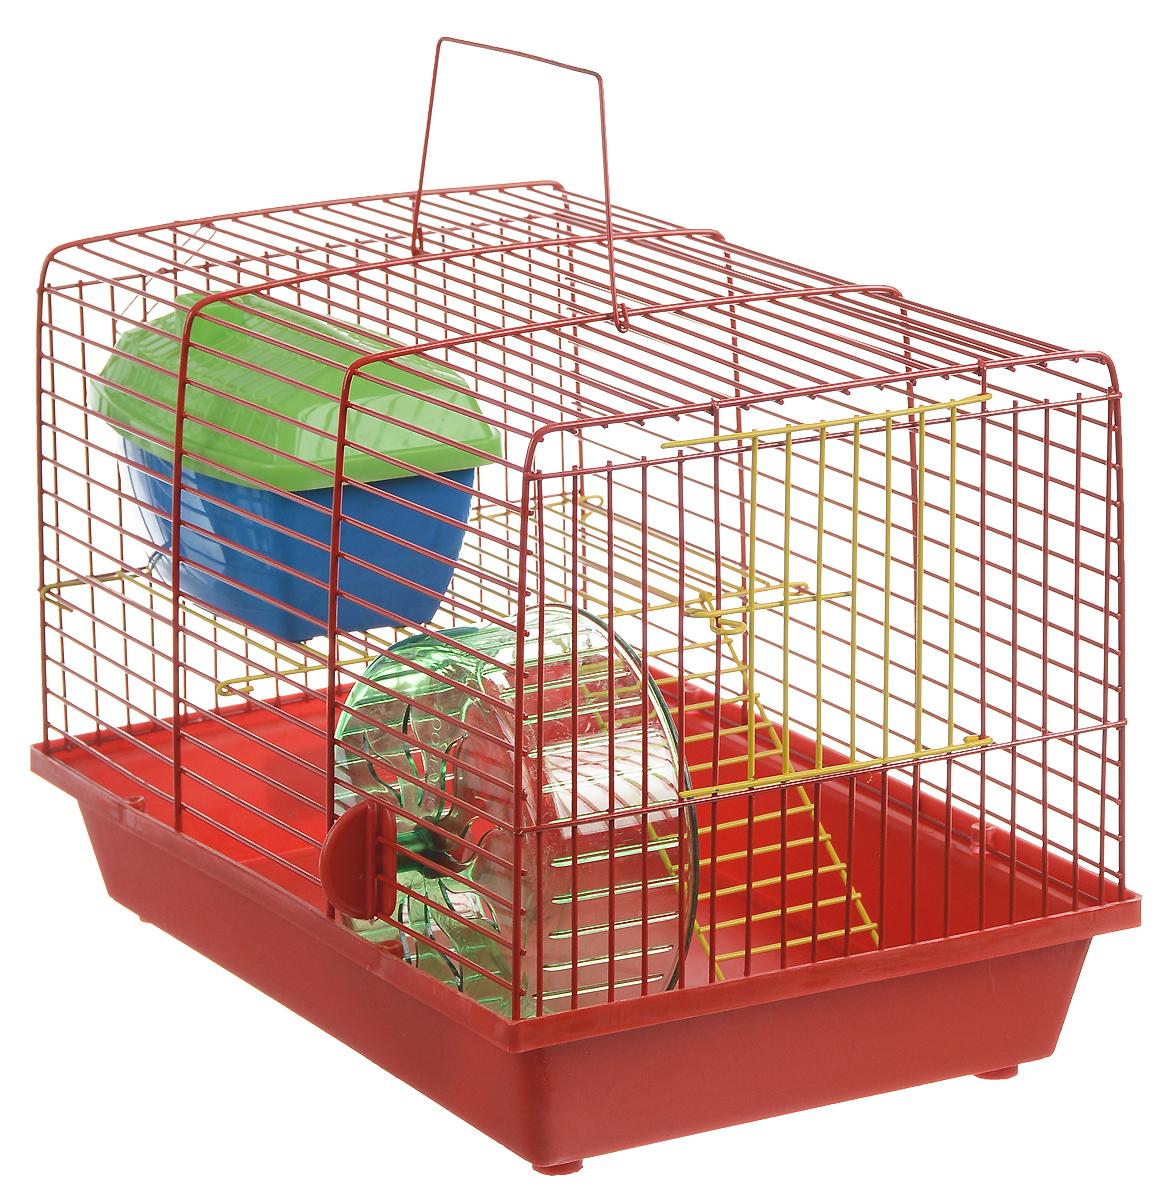 Клетка для грызунов ЗооМарк, 2-этажная, цвет: красный поддон, красная решетка, желтый этаж, 36 х 22 х 24 см. 125ж125ж_красныйКлетка ЗооМарк, выполненная из полипропилена и металла, подходит для мелких грызунов. Изделие двухэтажное, оборудовано колесом для подвижных игр и пластиковым домиком. Клетка имеет яркий поддон, удобна в использовании и легко чистится. Сверху имеется ручка для переноски. Такая клетка станет уединенным личным пространством и уютным домиком для маленького грызуна.